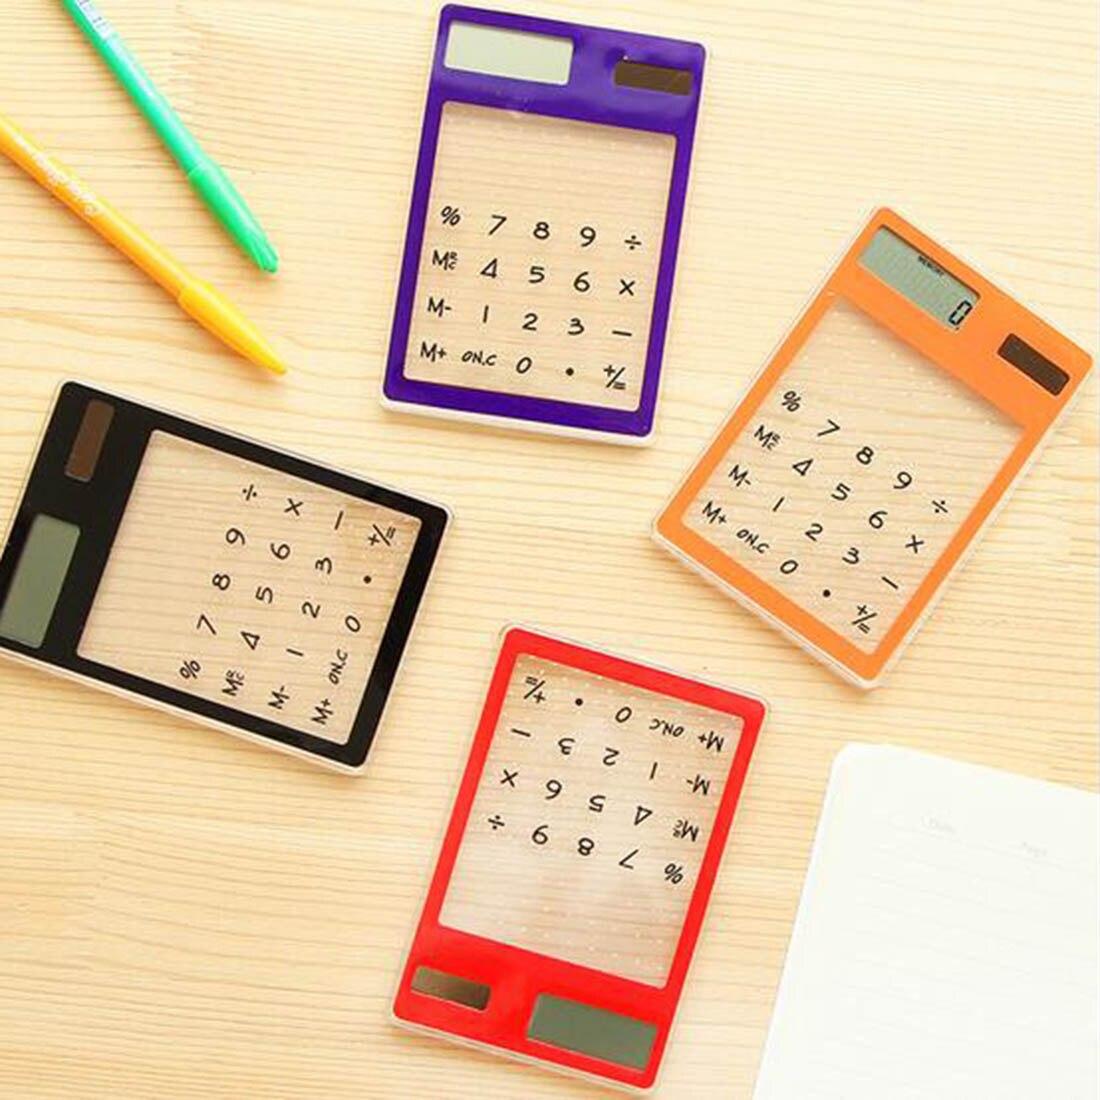 Солнечный калькулятор творческий канцелярские конфеты солнечной энергии сенсорный ясно научный калькулятор школьные офис экзамен постав...